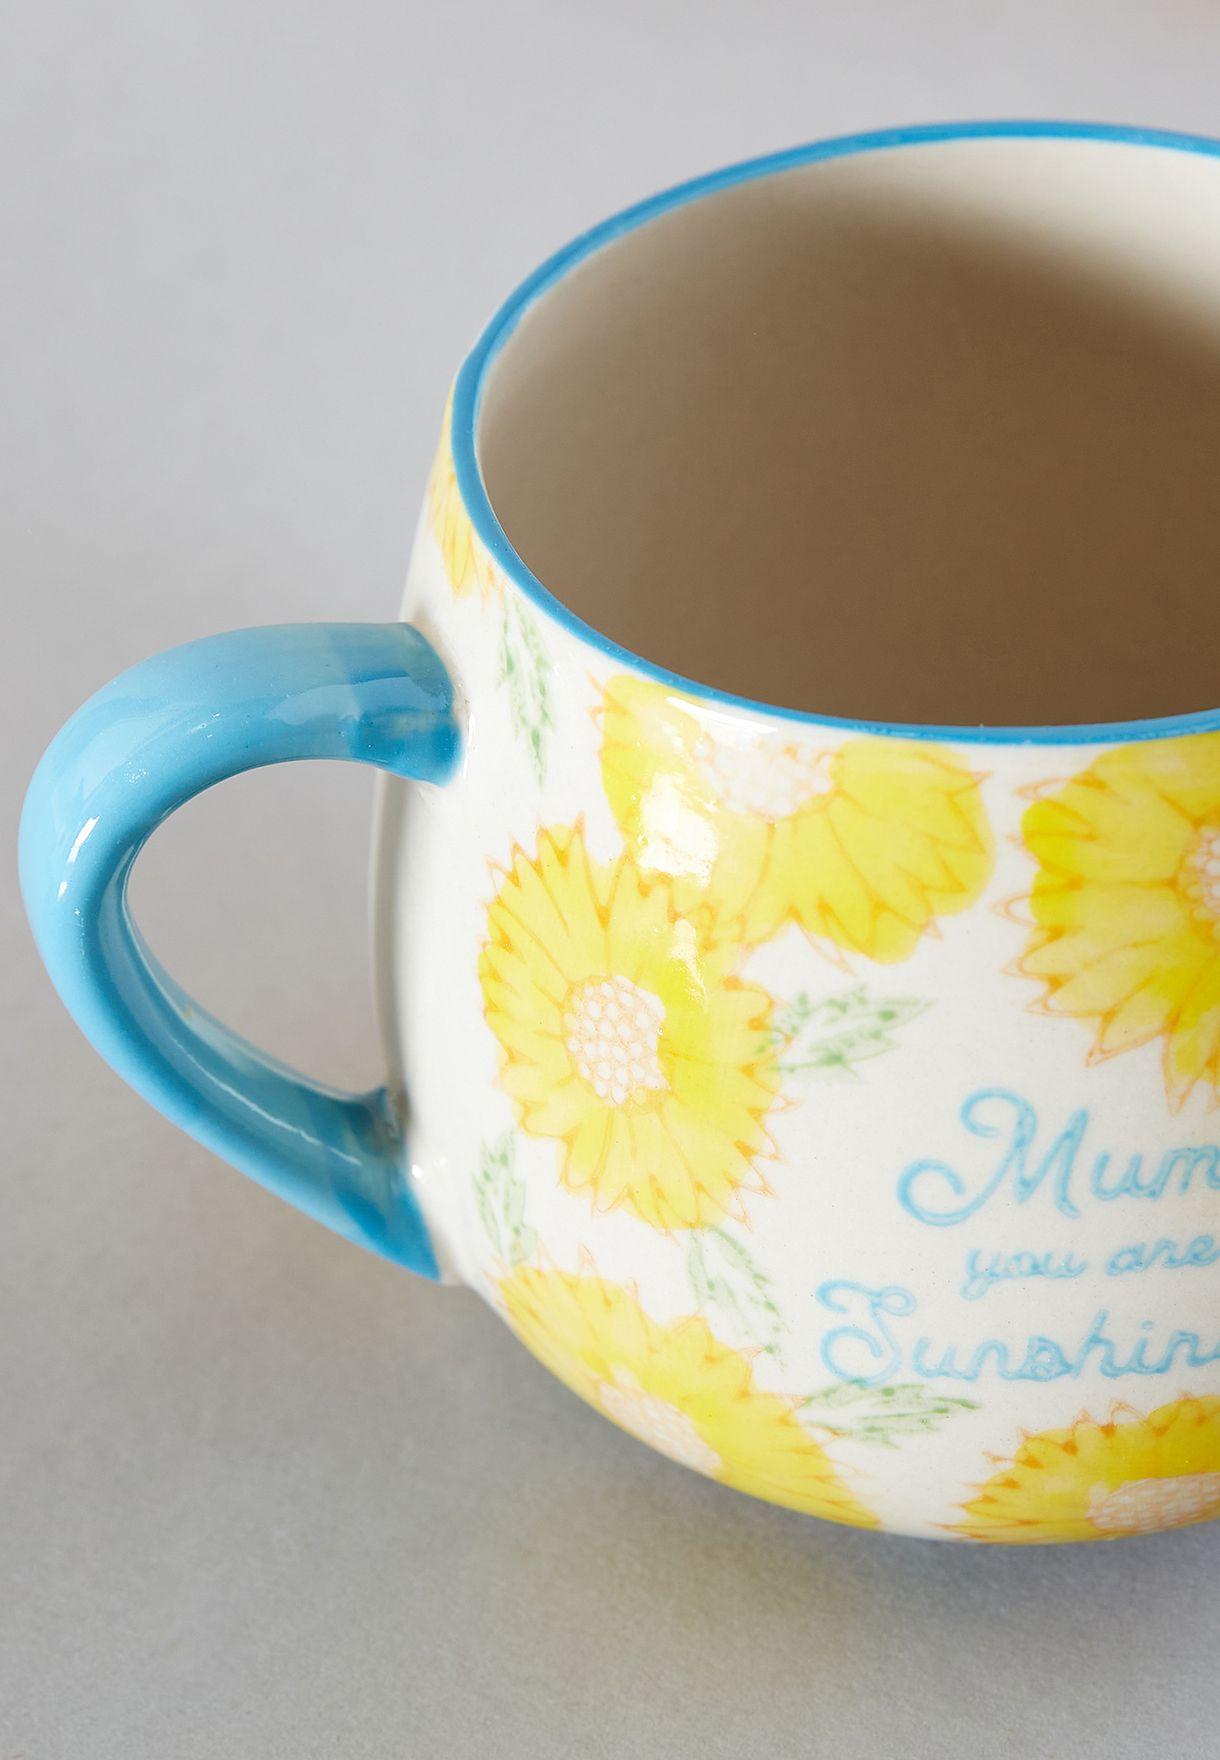 مج بطباعة Mum وزهور